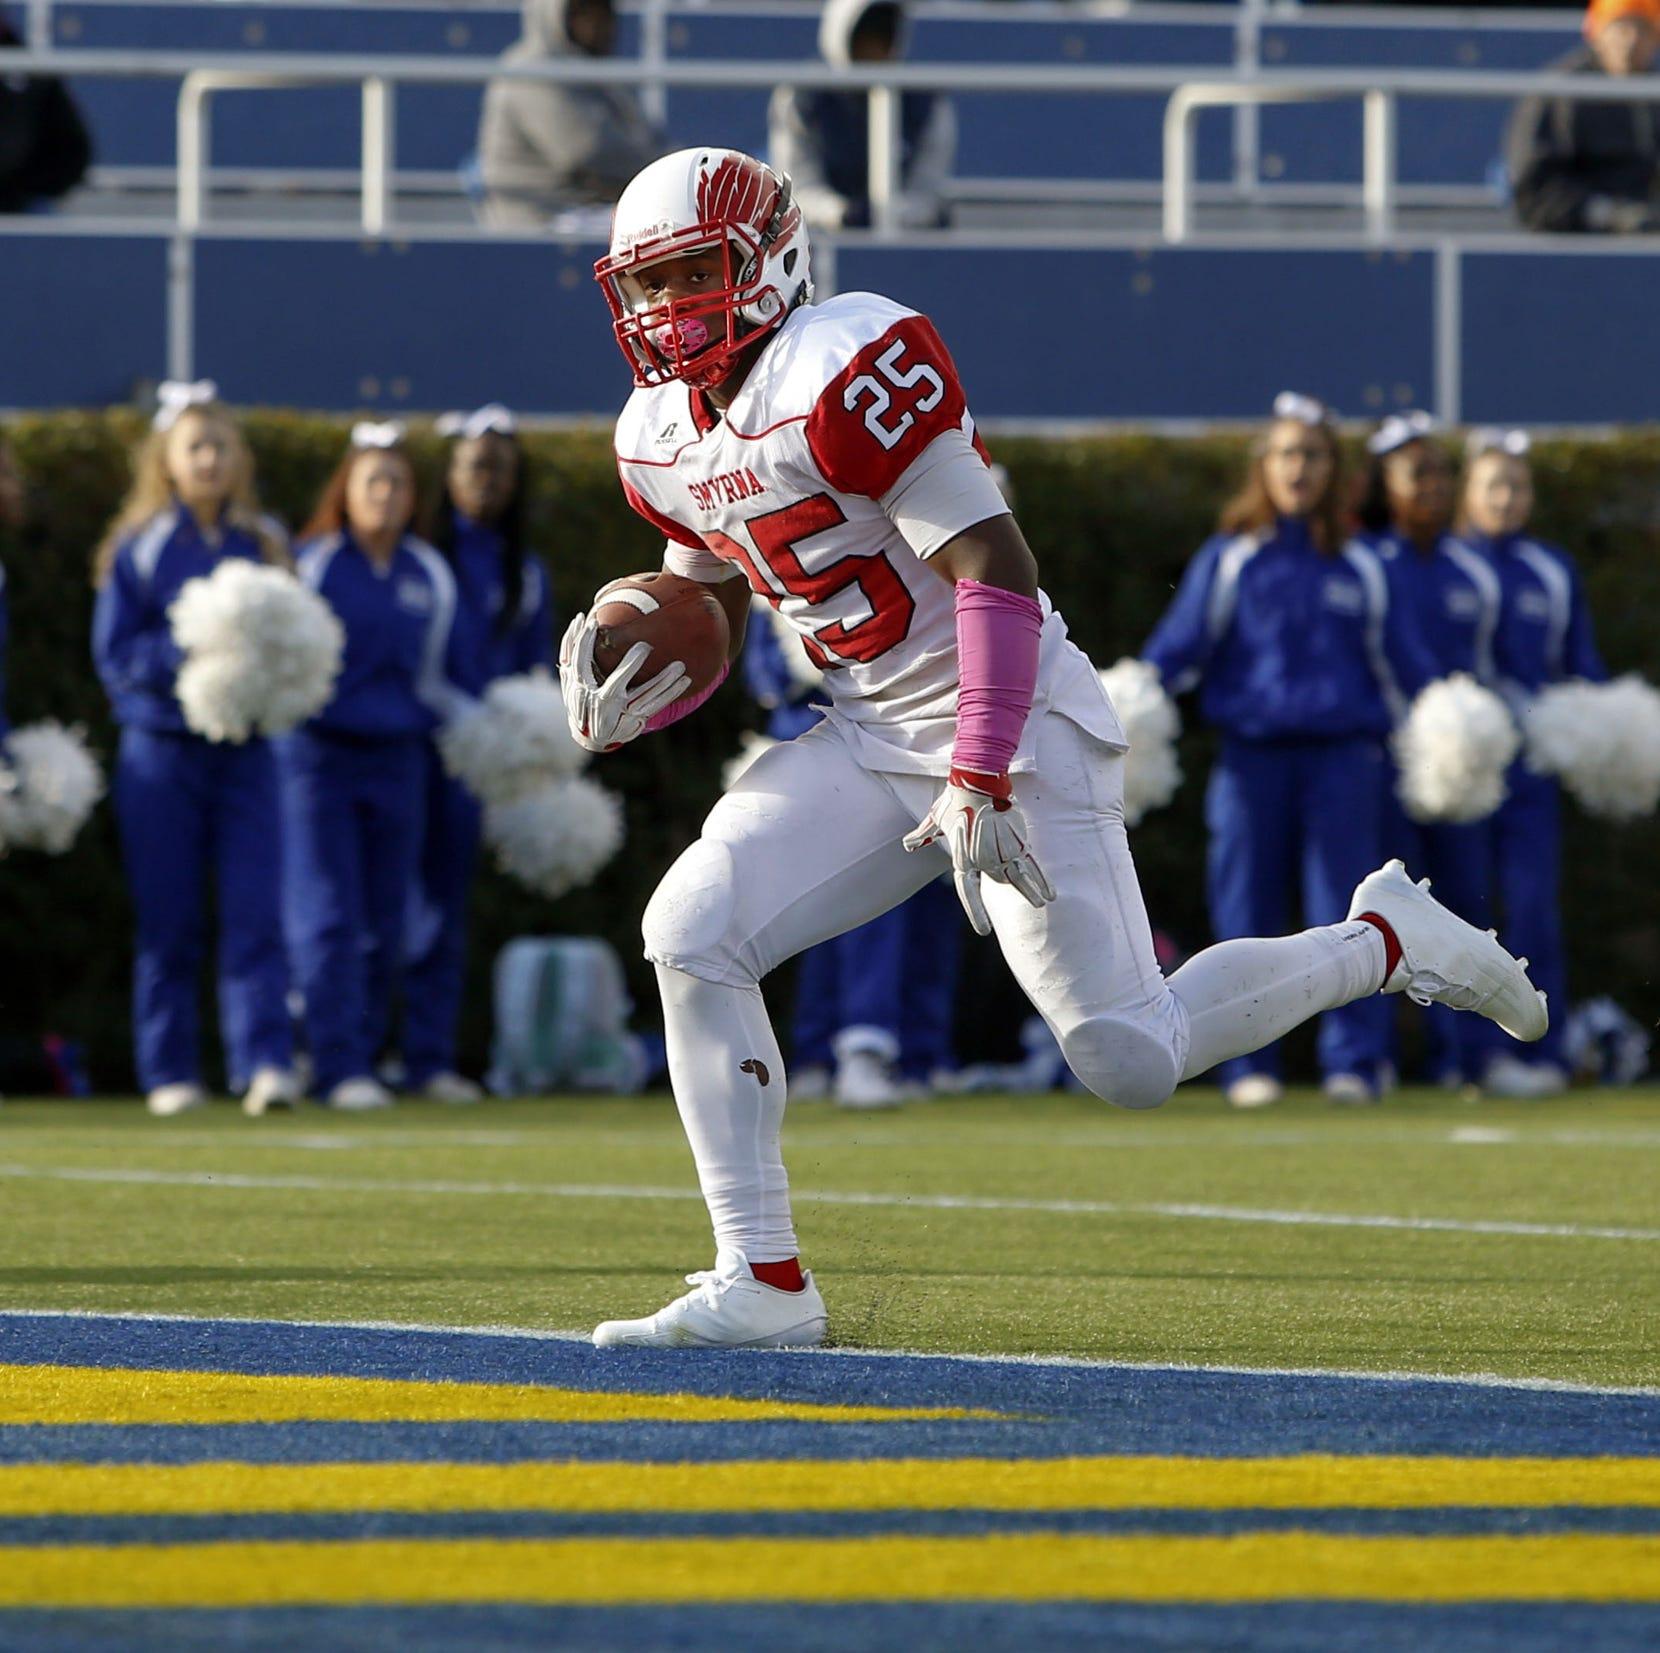 Smyrna running back Knight transferring to University of Delaware from ODU